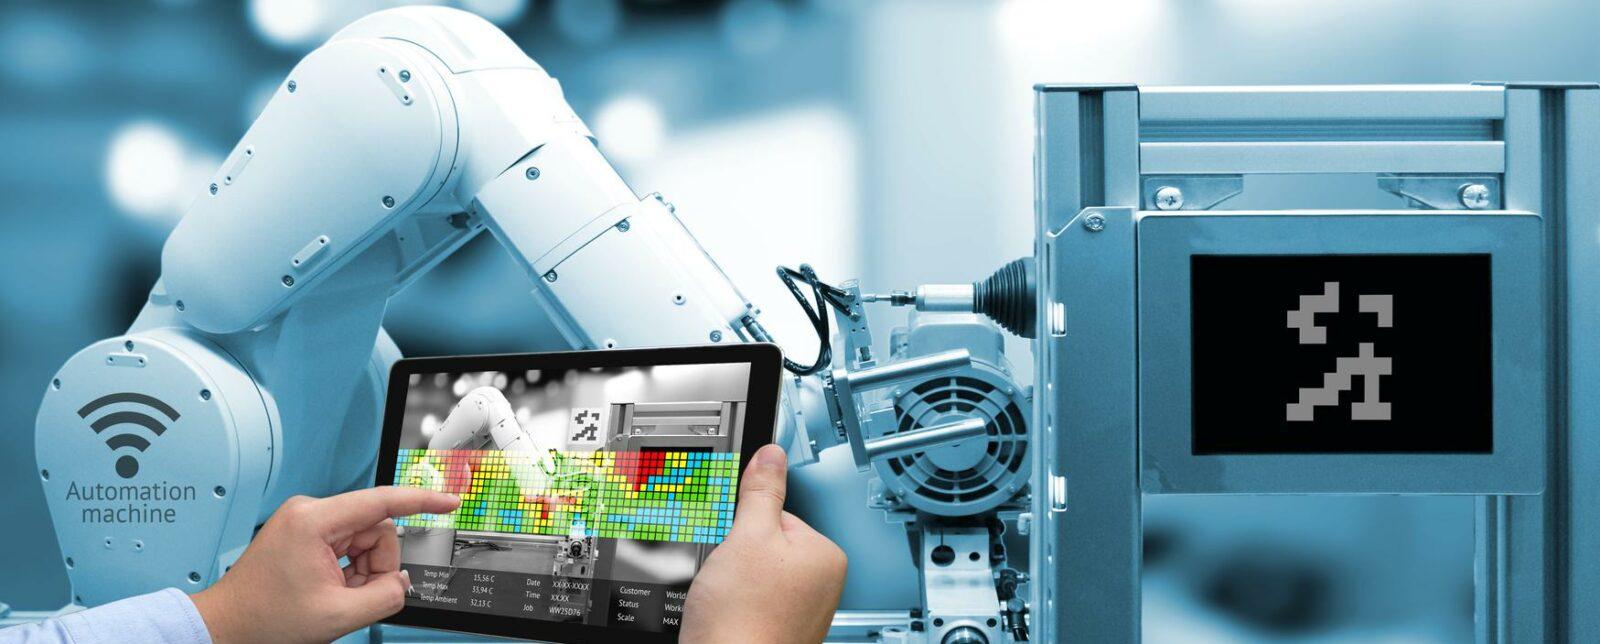 Total Productive Management (TPM) et technologies de l'industrie 4.0 : état des lieux